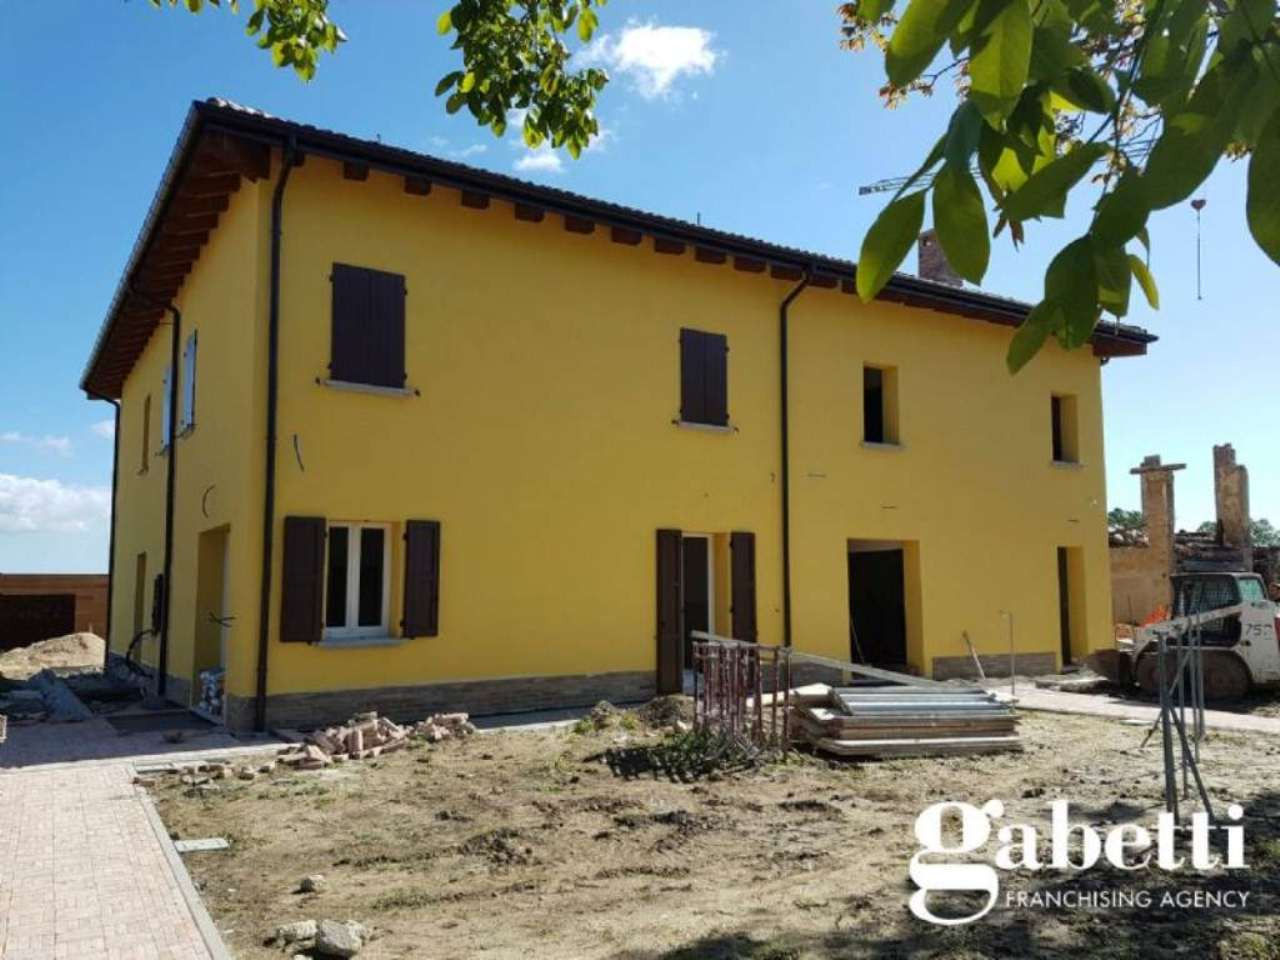 Soluzione Semindipendente in vendita a Castel Maggiore, 4 locali, prezzo € 430.000 | Cambio Casa.it